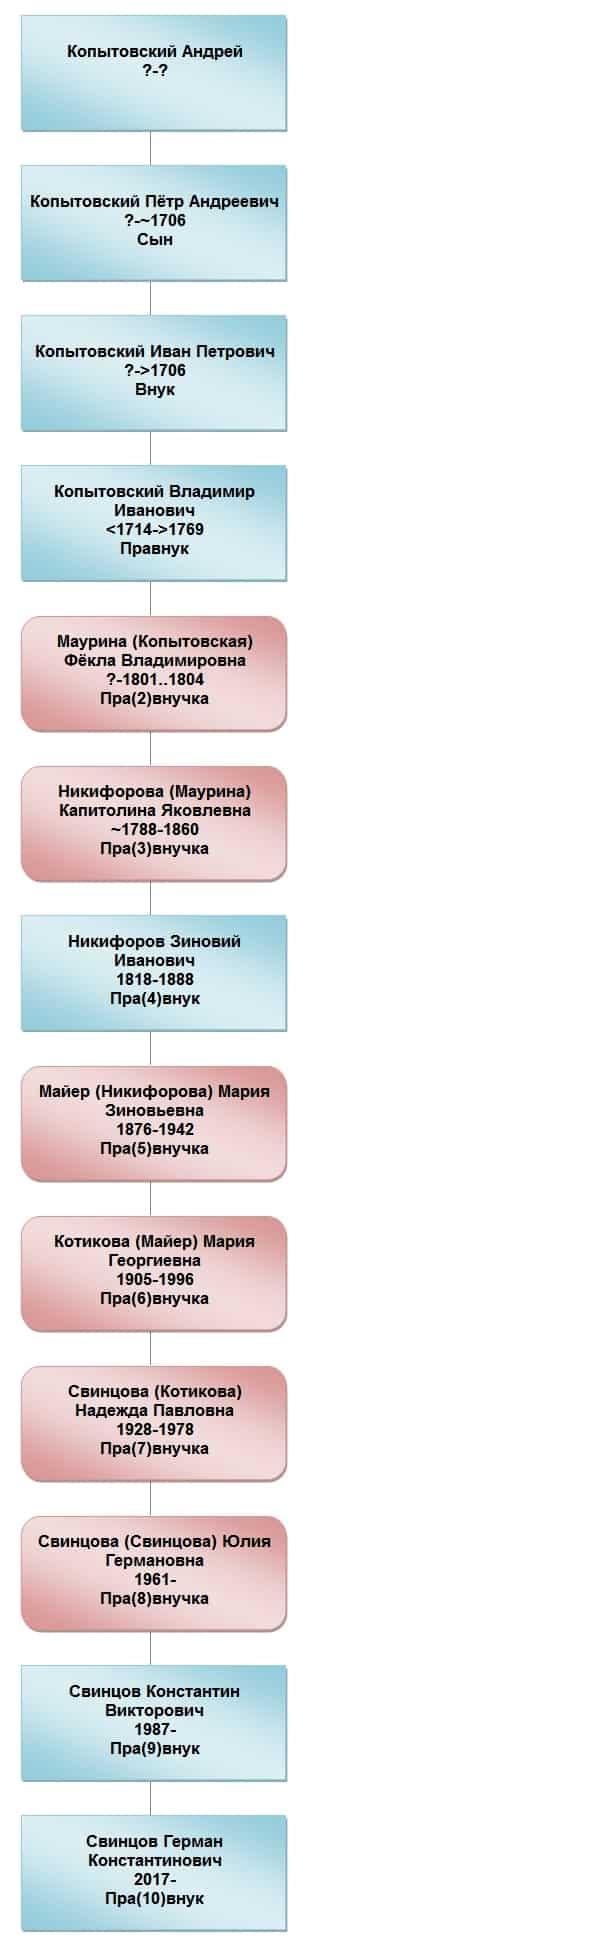 Мы потомки Копытовских по прямой.